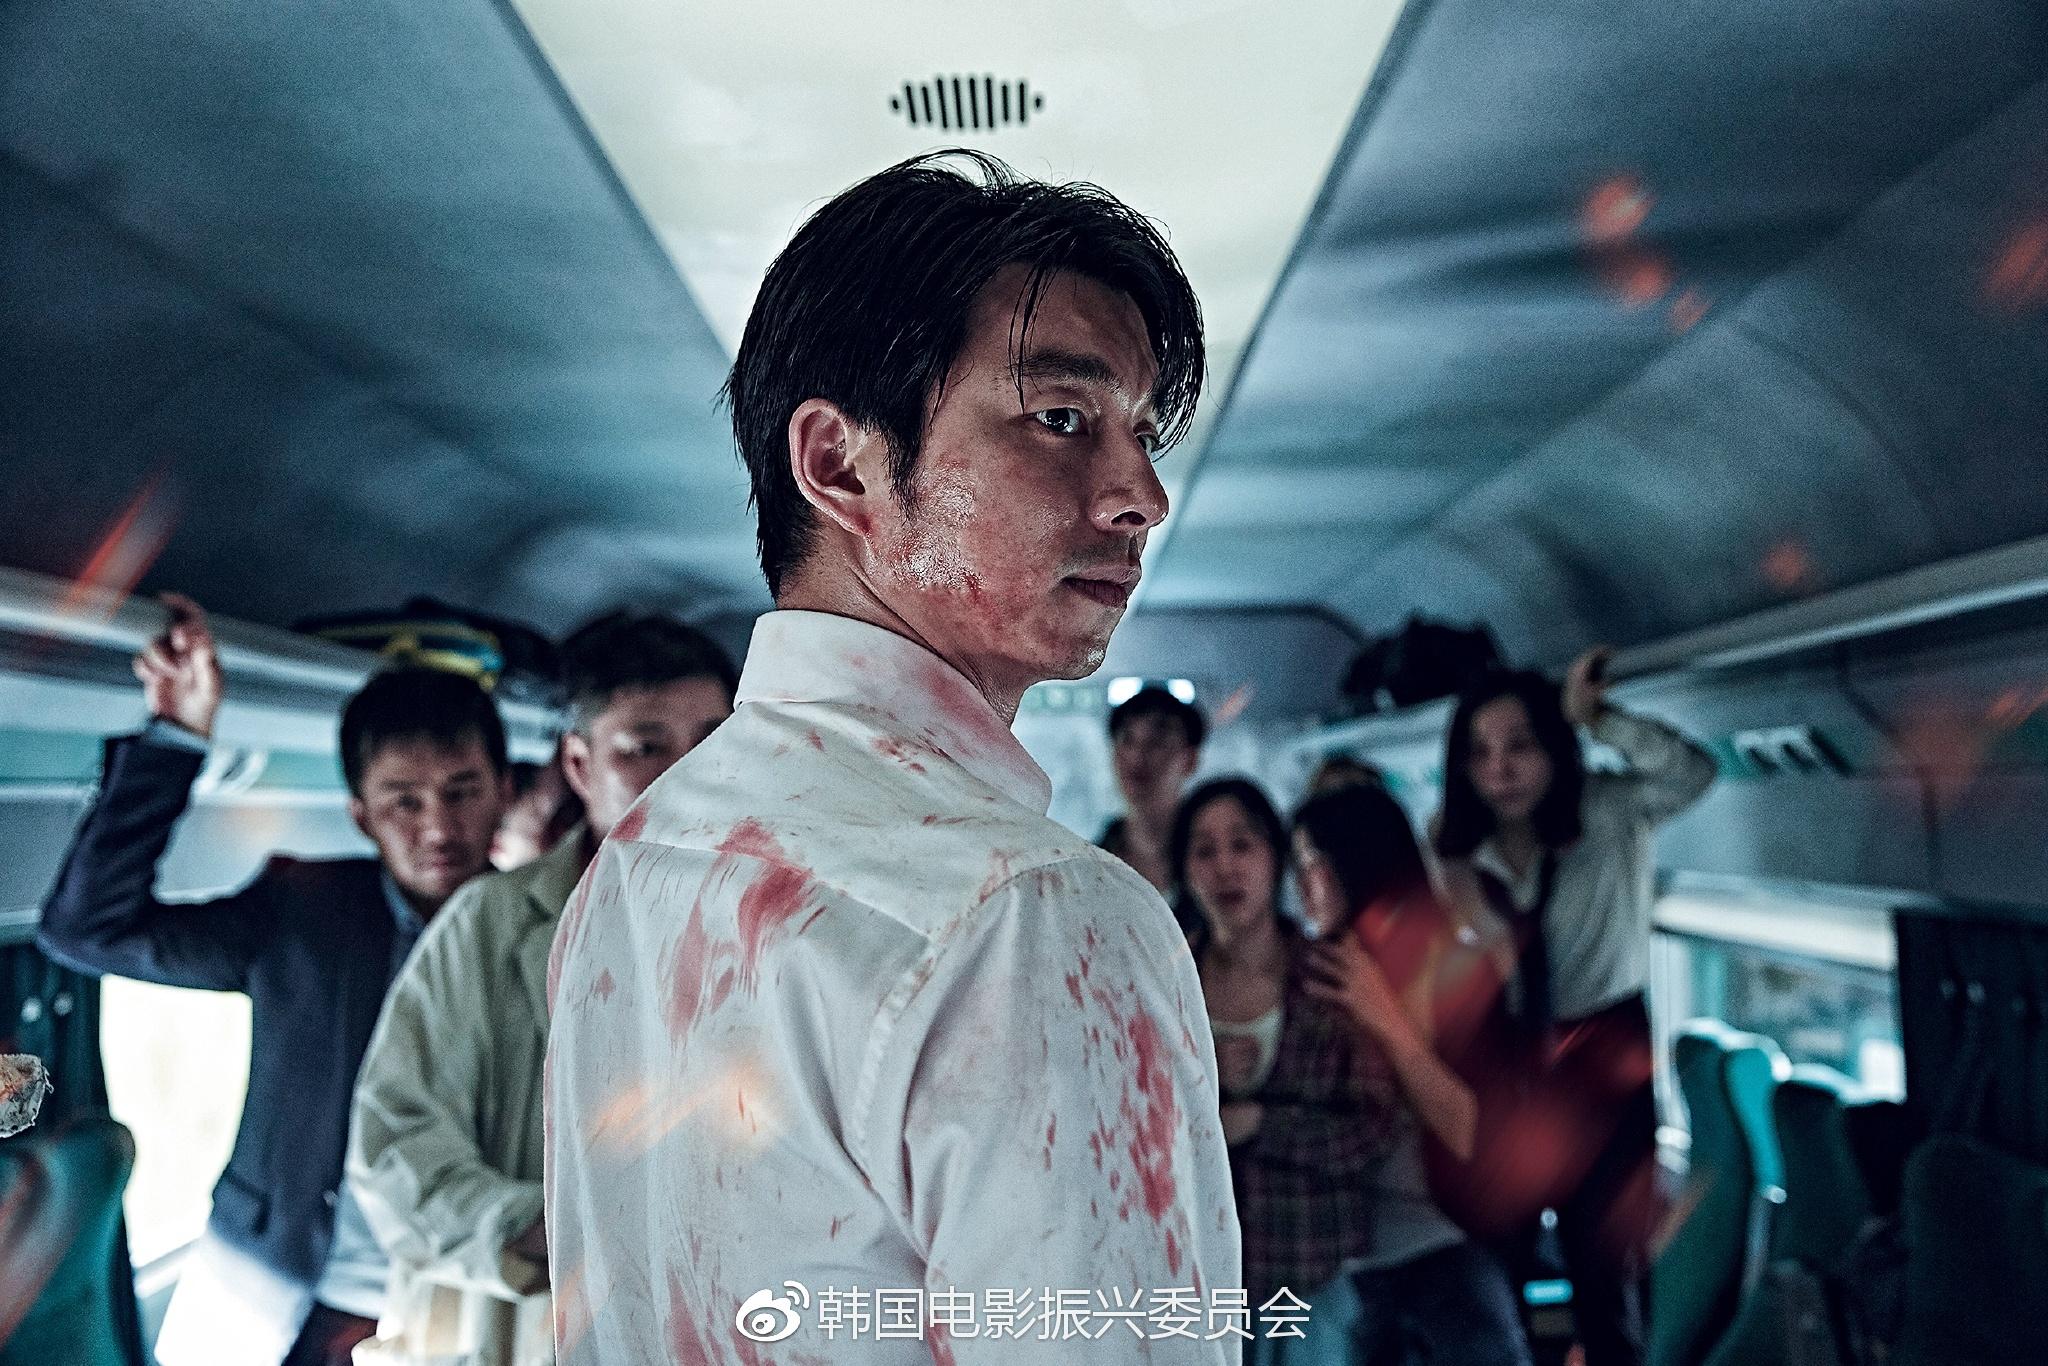 韩国最惊悚恐怖电影勇敢的心美国电影图片